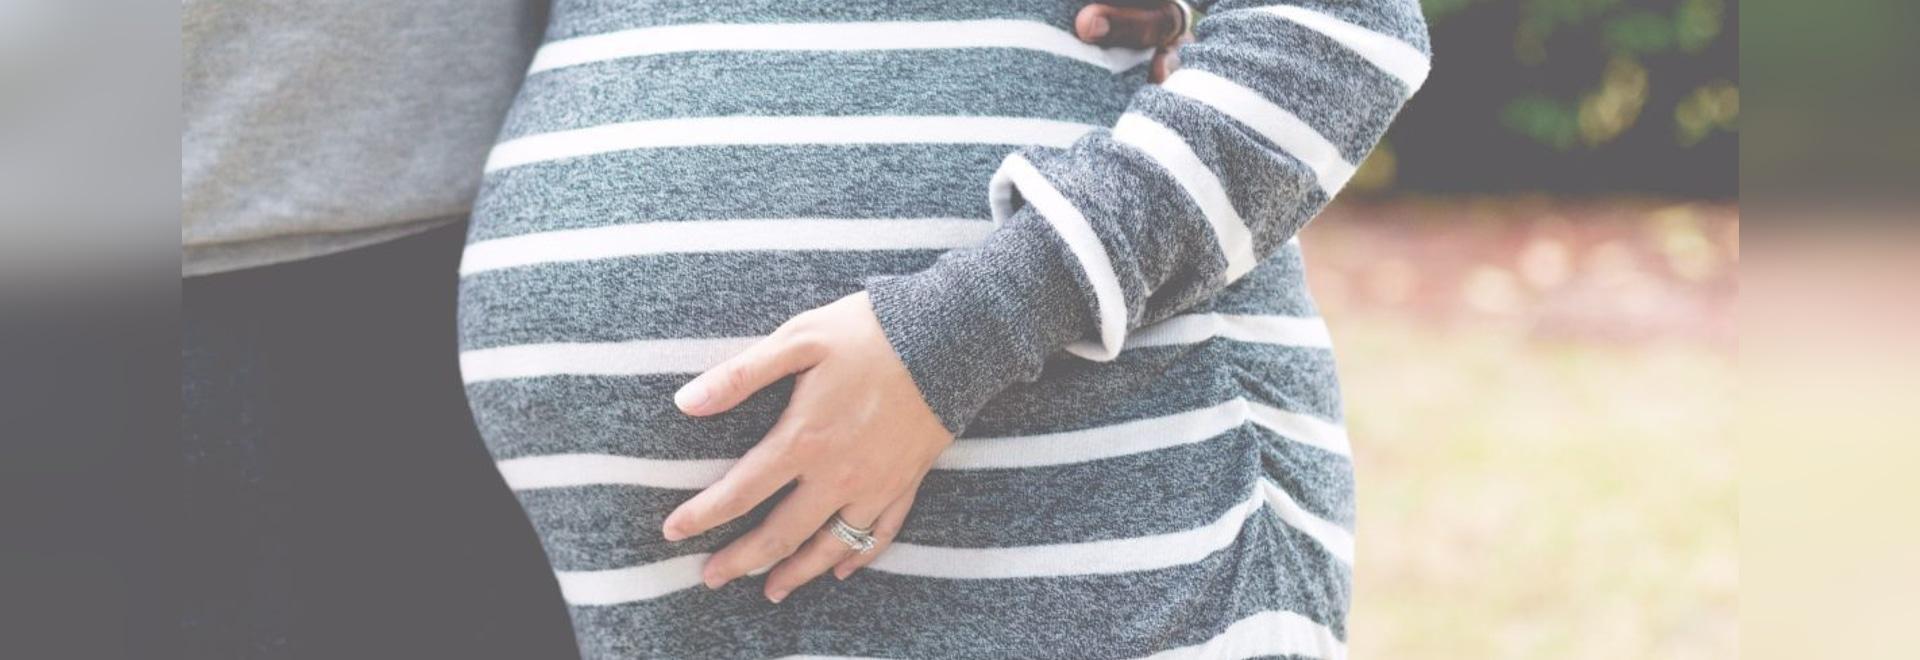 Pourquoi tant de femmes meurent-elles presque dans l'accouchement ? Croix outre de quelques principales théories